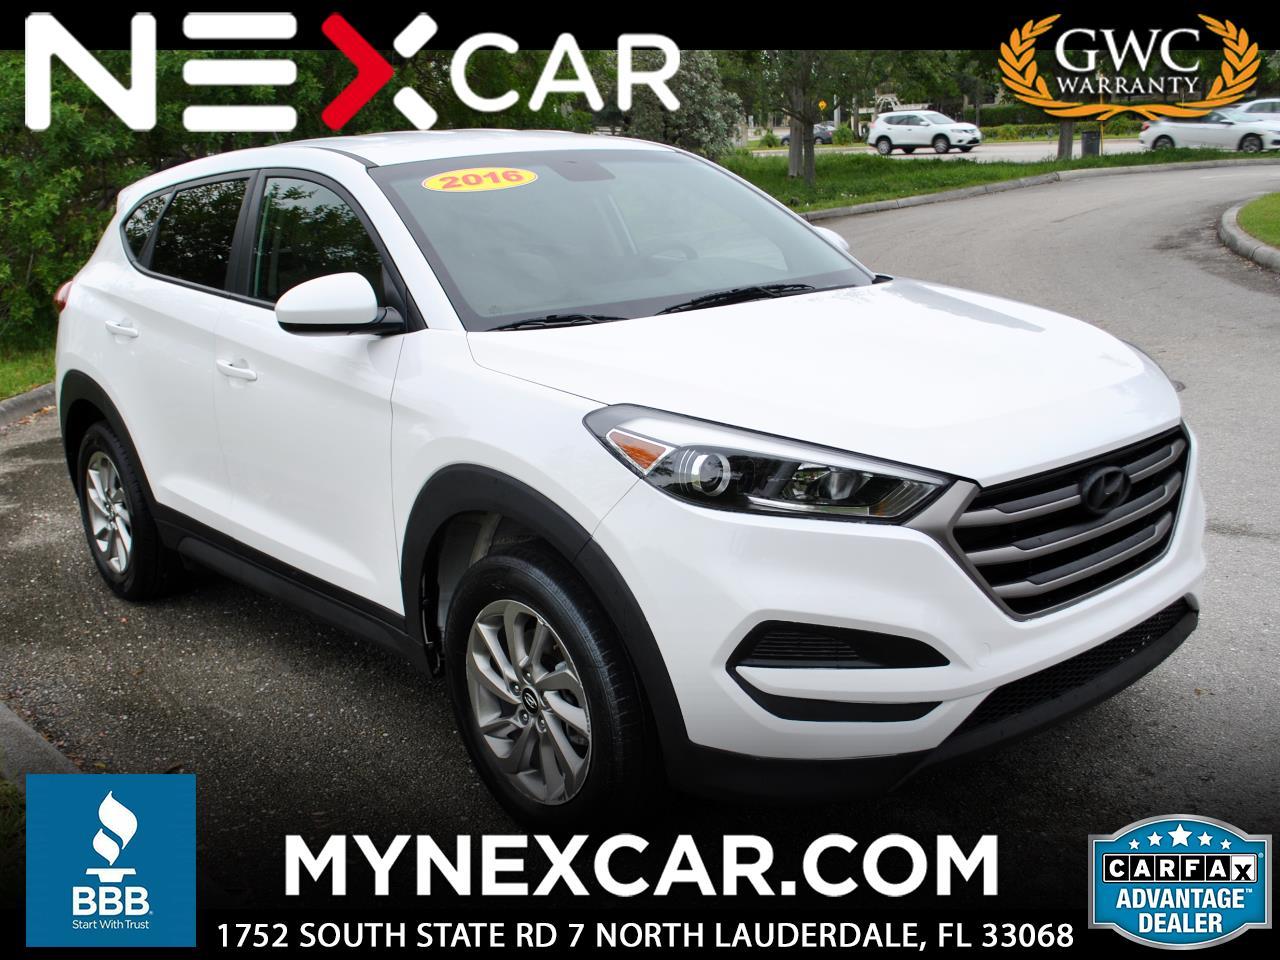 2016 Hyundai Tucson FWD 4dr SE w/Beige Int